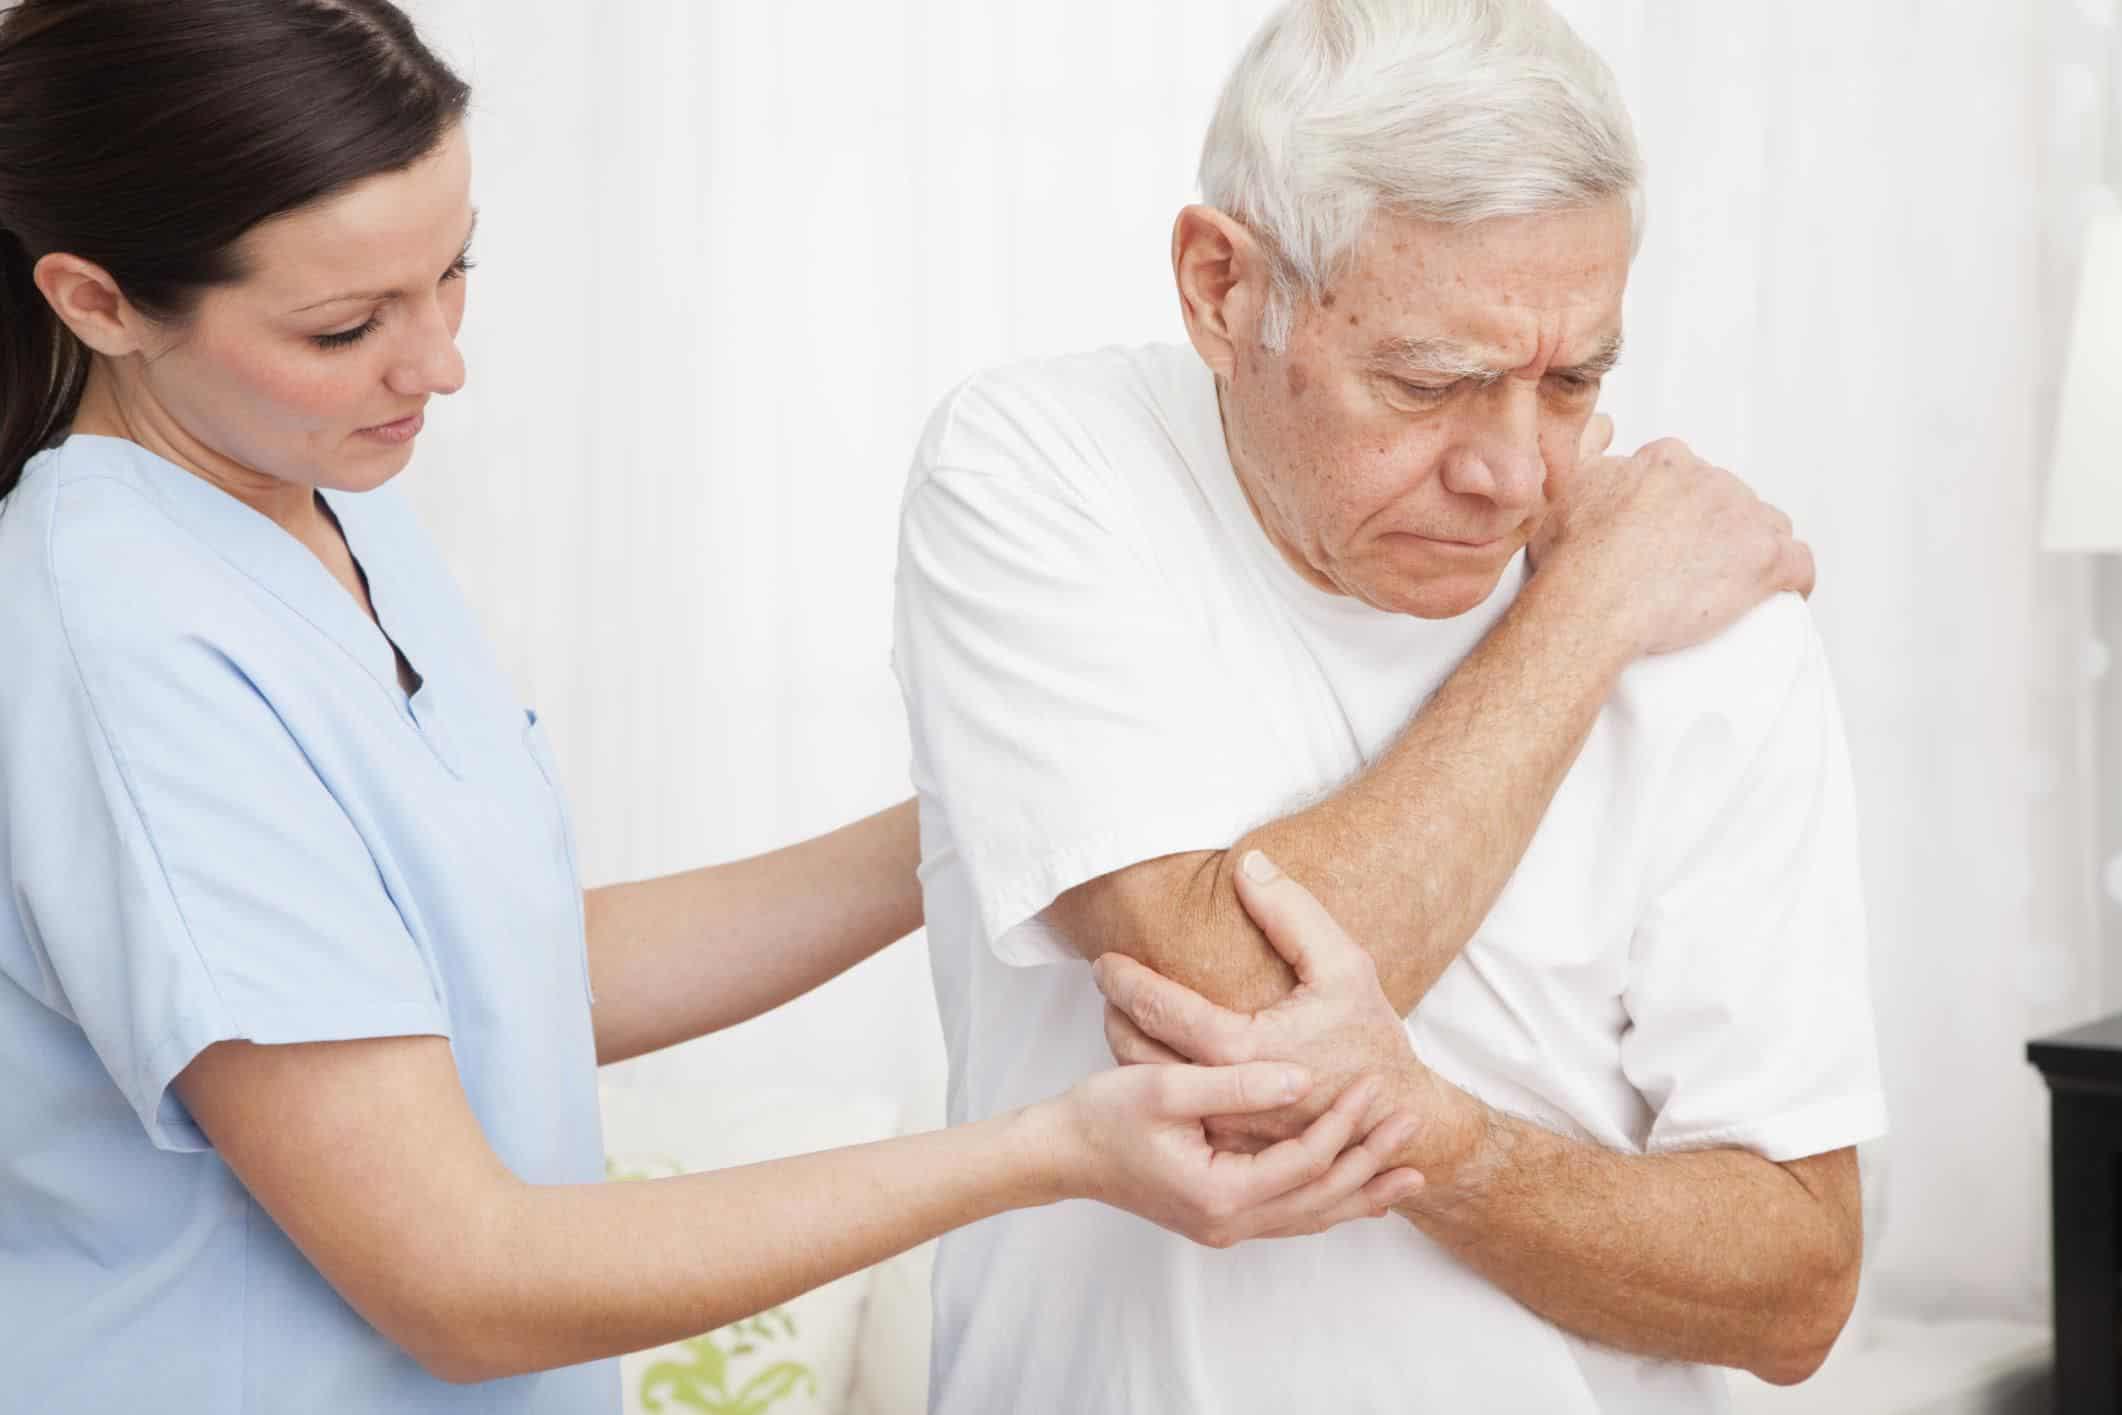 Chăm sóc người bị tiểu đường như thế nào | Dịch vụ chăm sóc bệnh nhân